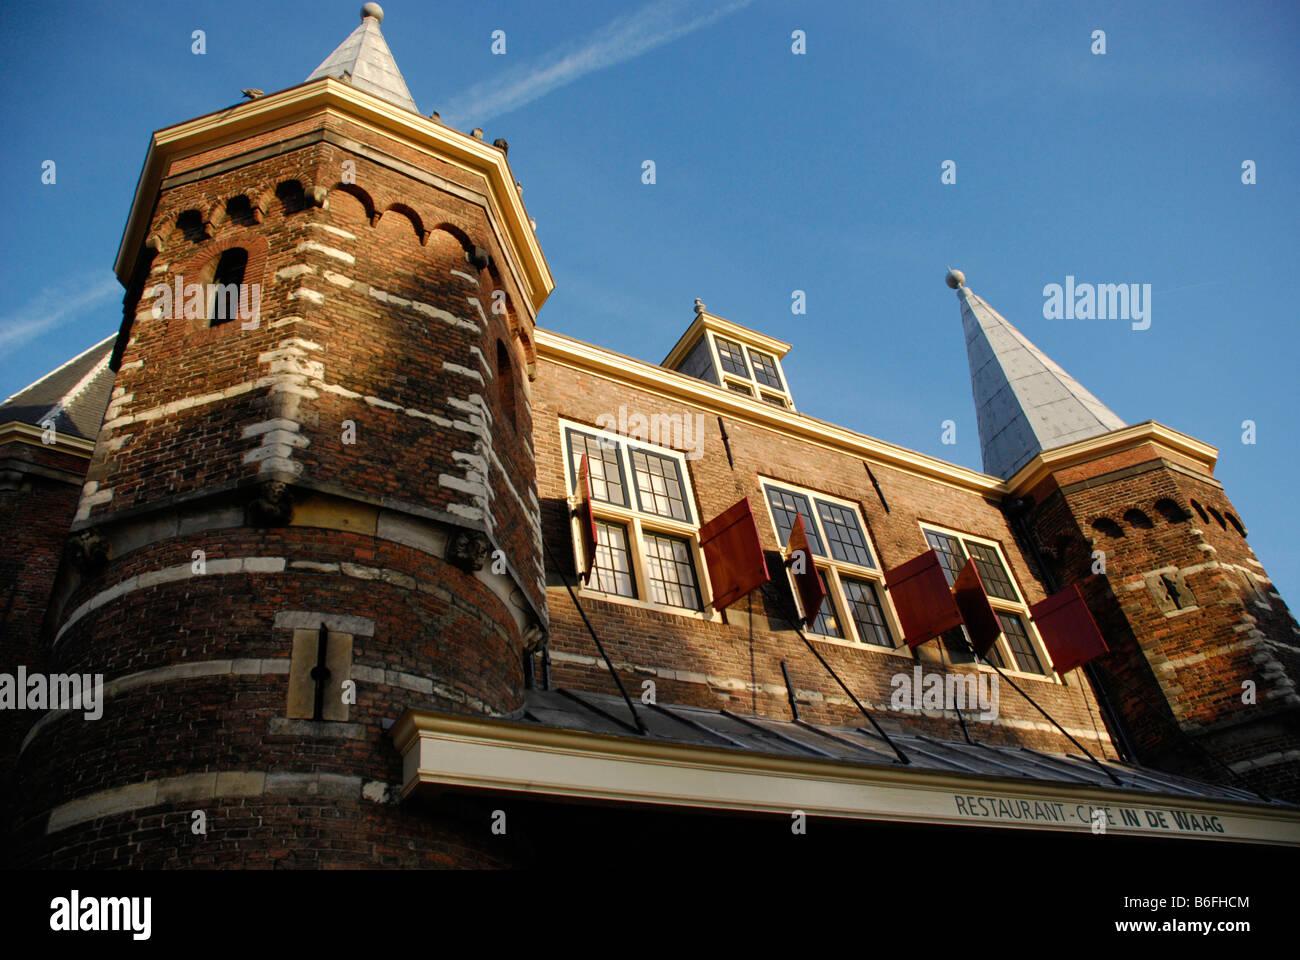 De Waag, upscale restaurant and cafe, Nieuwmarkt, Amsterdam, Netherlands - Stock Image